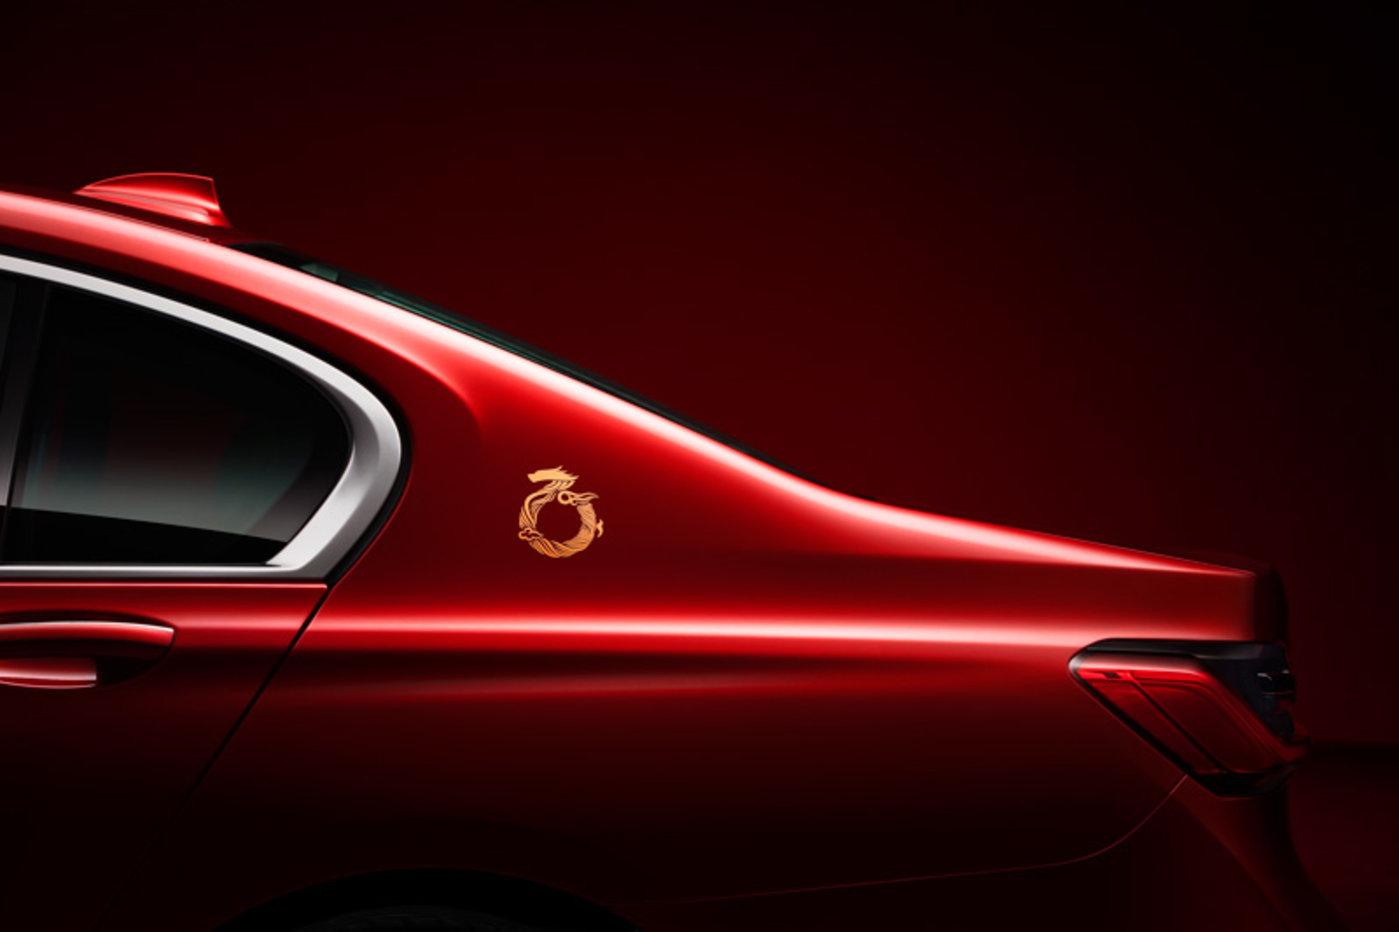 新BMW 7系华彩辉耀典藏版